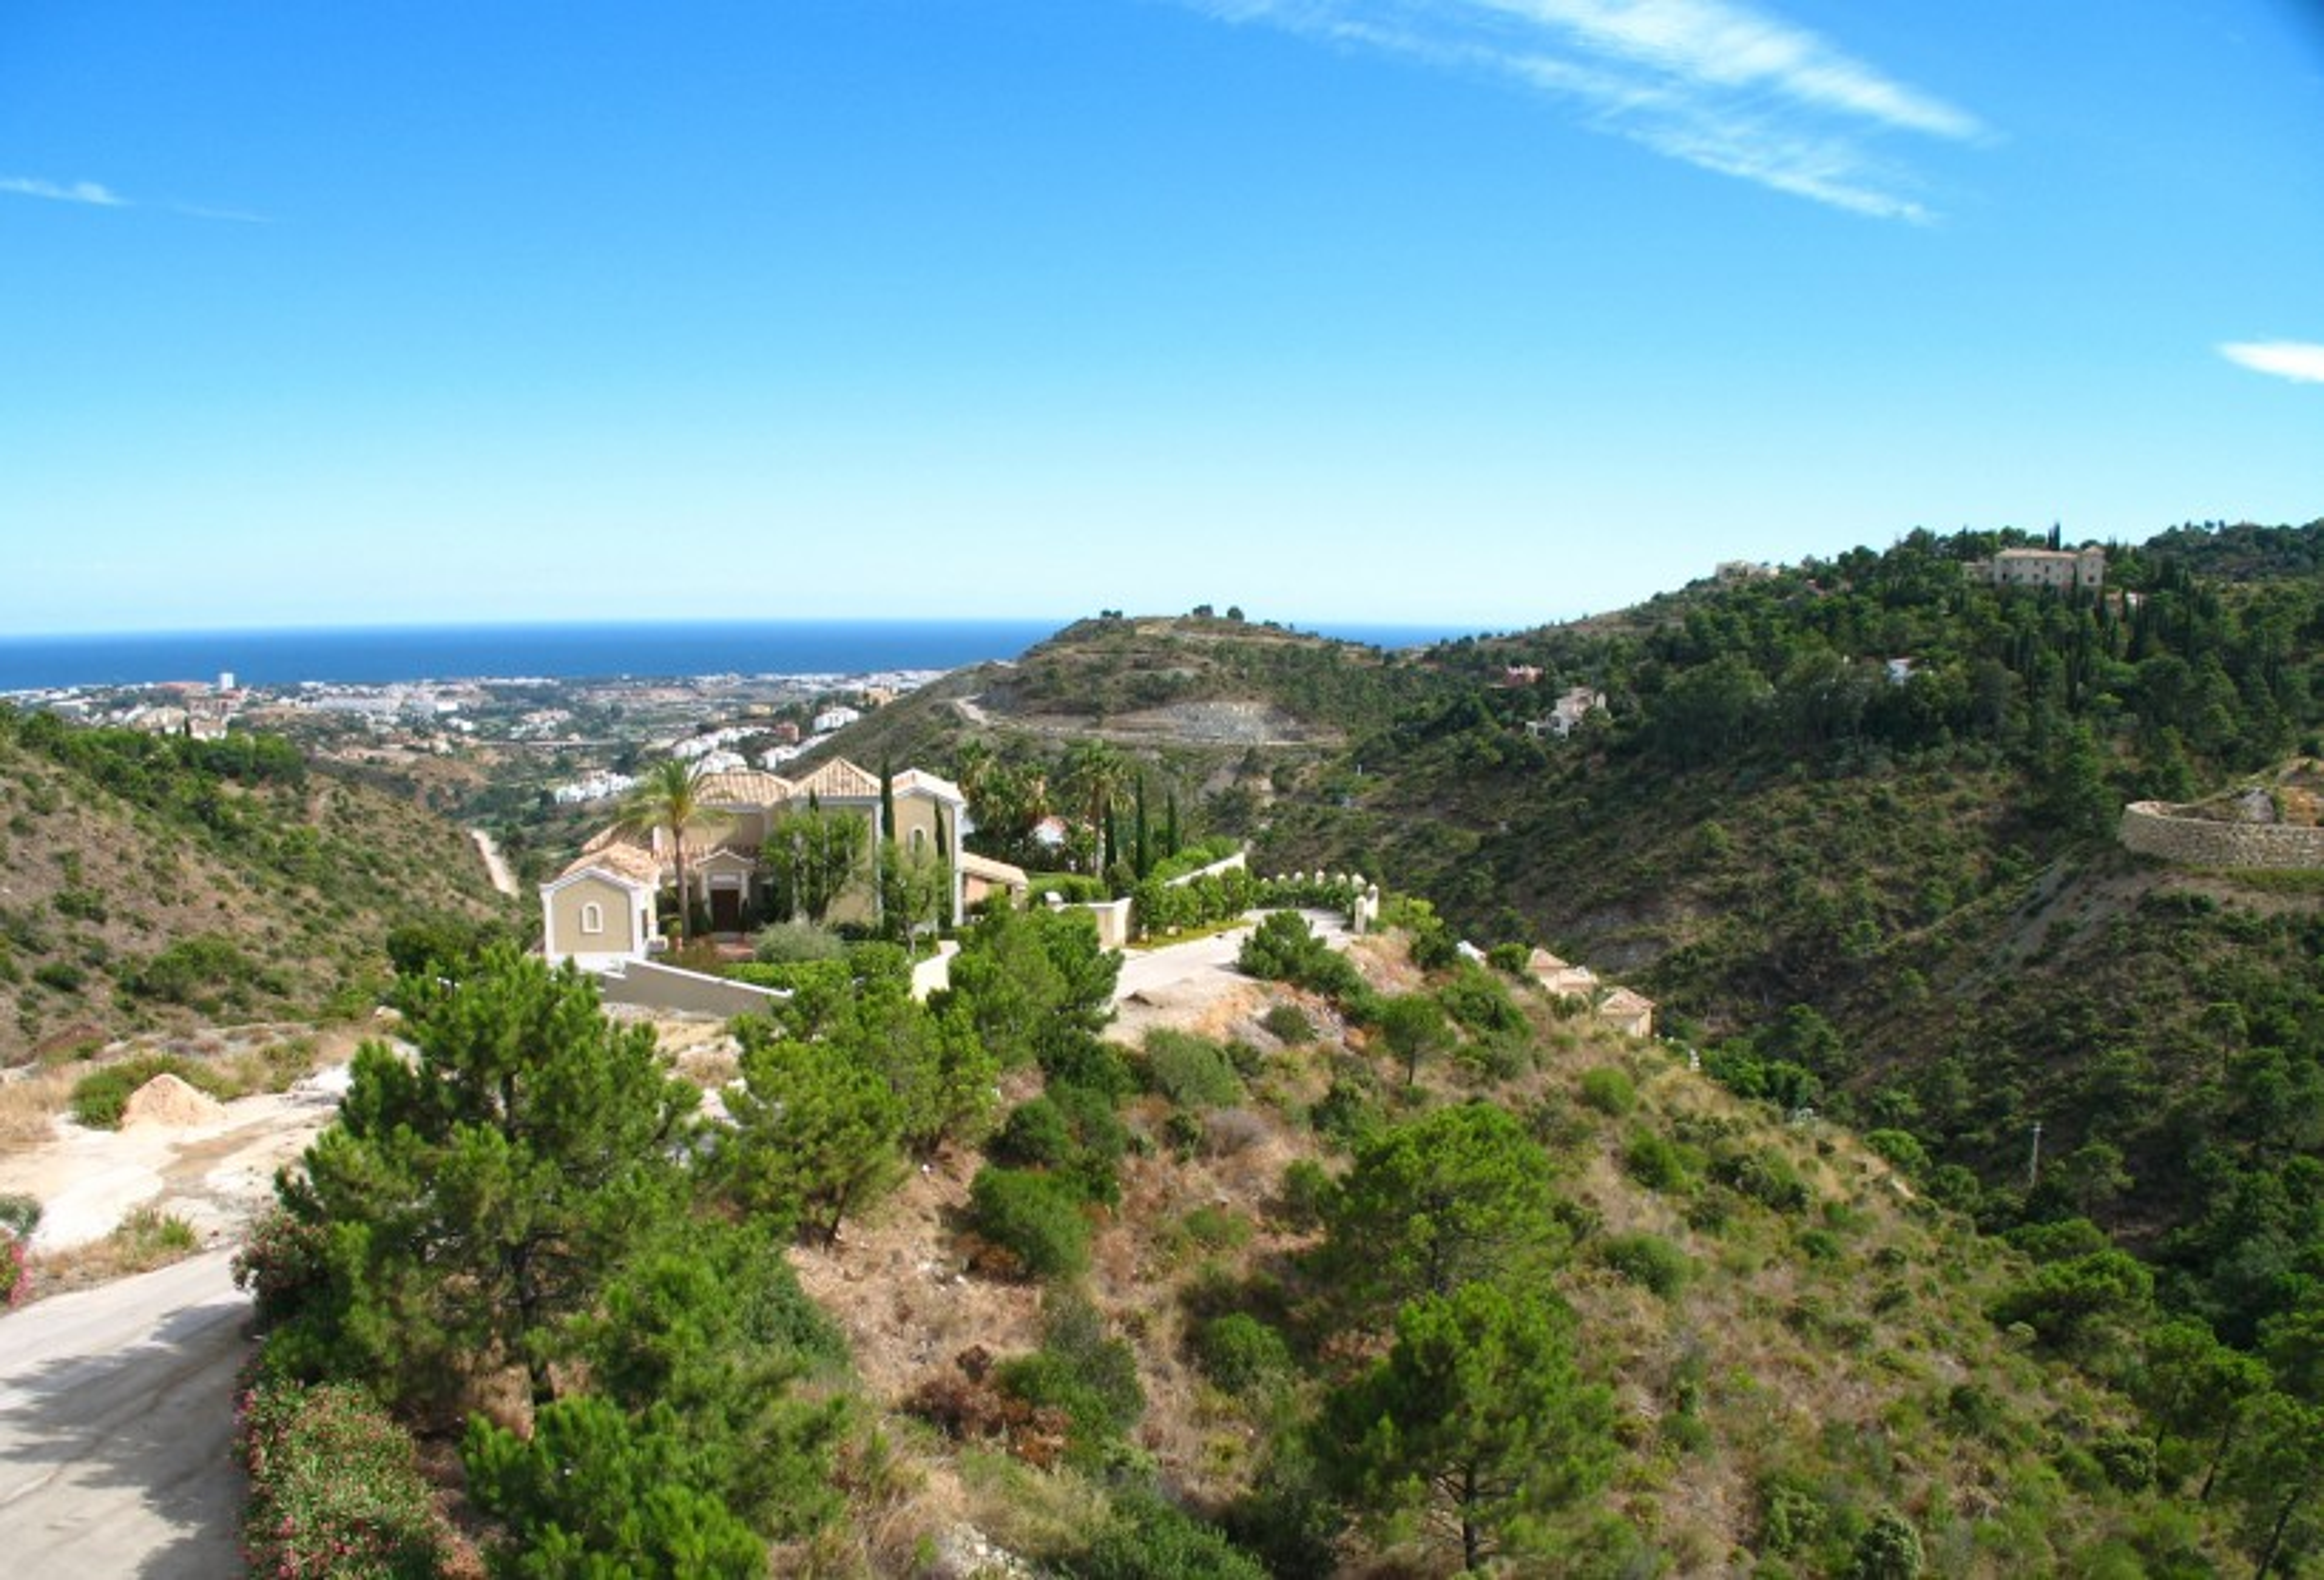 El Madroñal: la vida en las colinas de Marbella